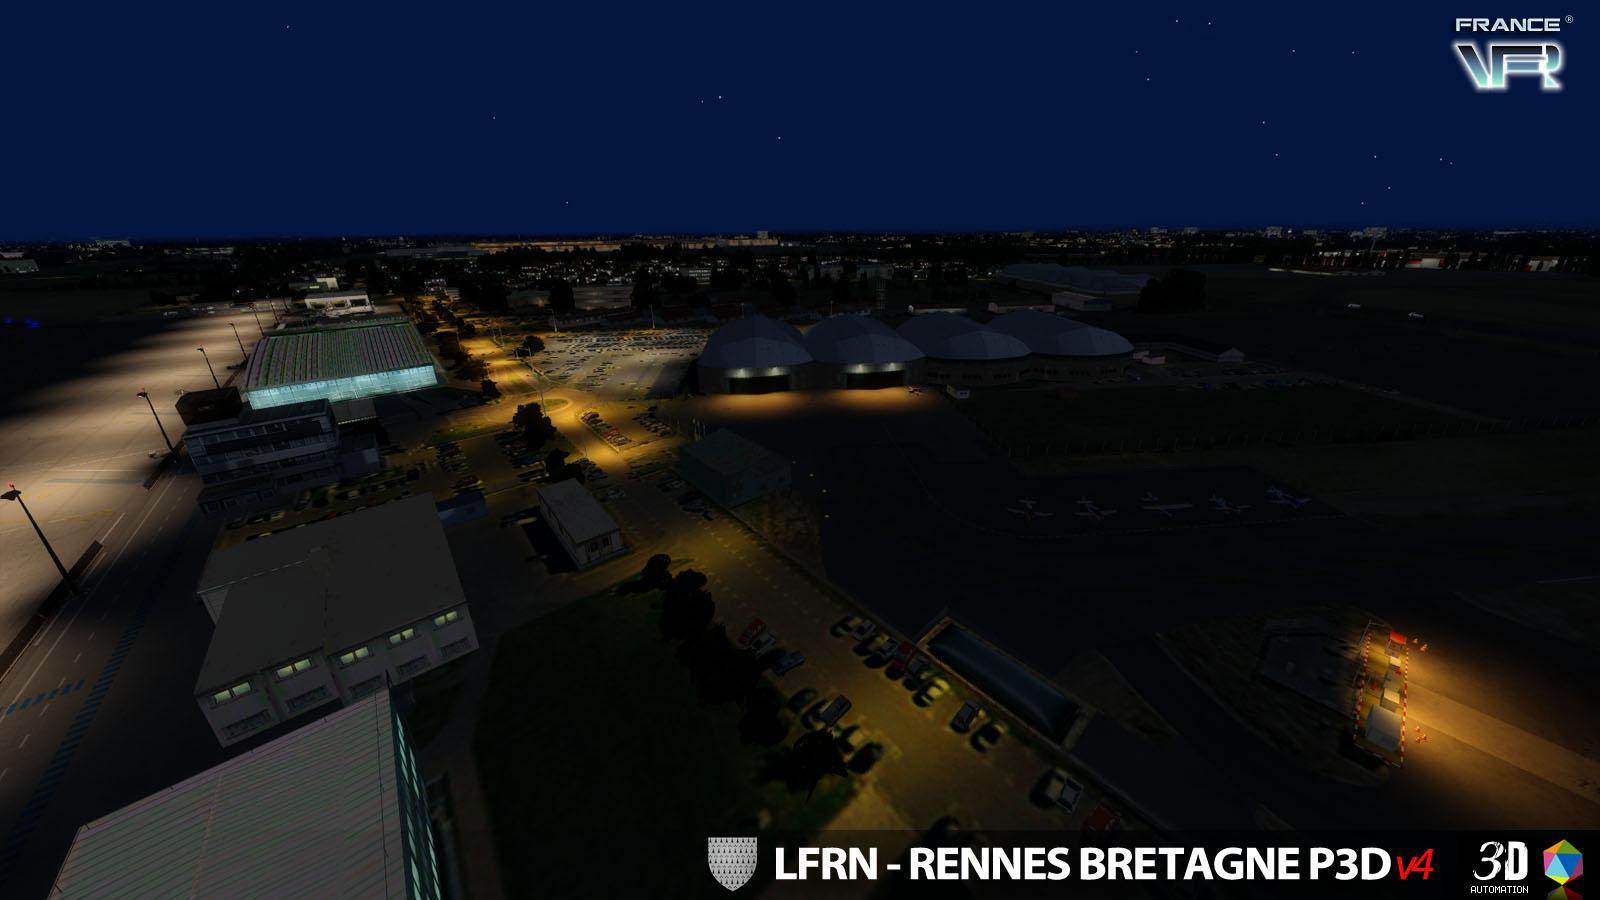 LFRNP3D_20